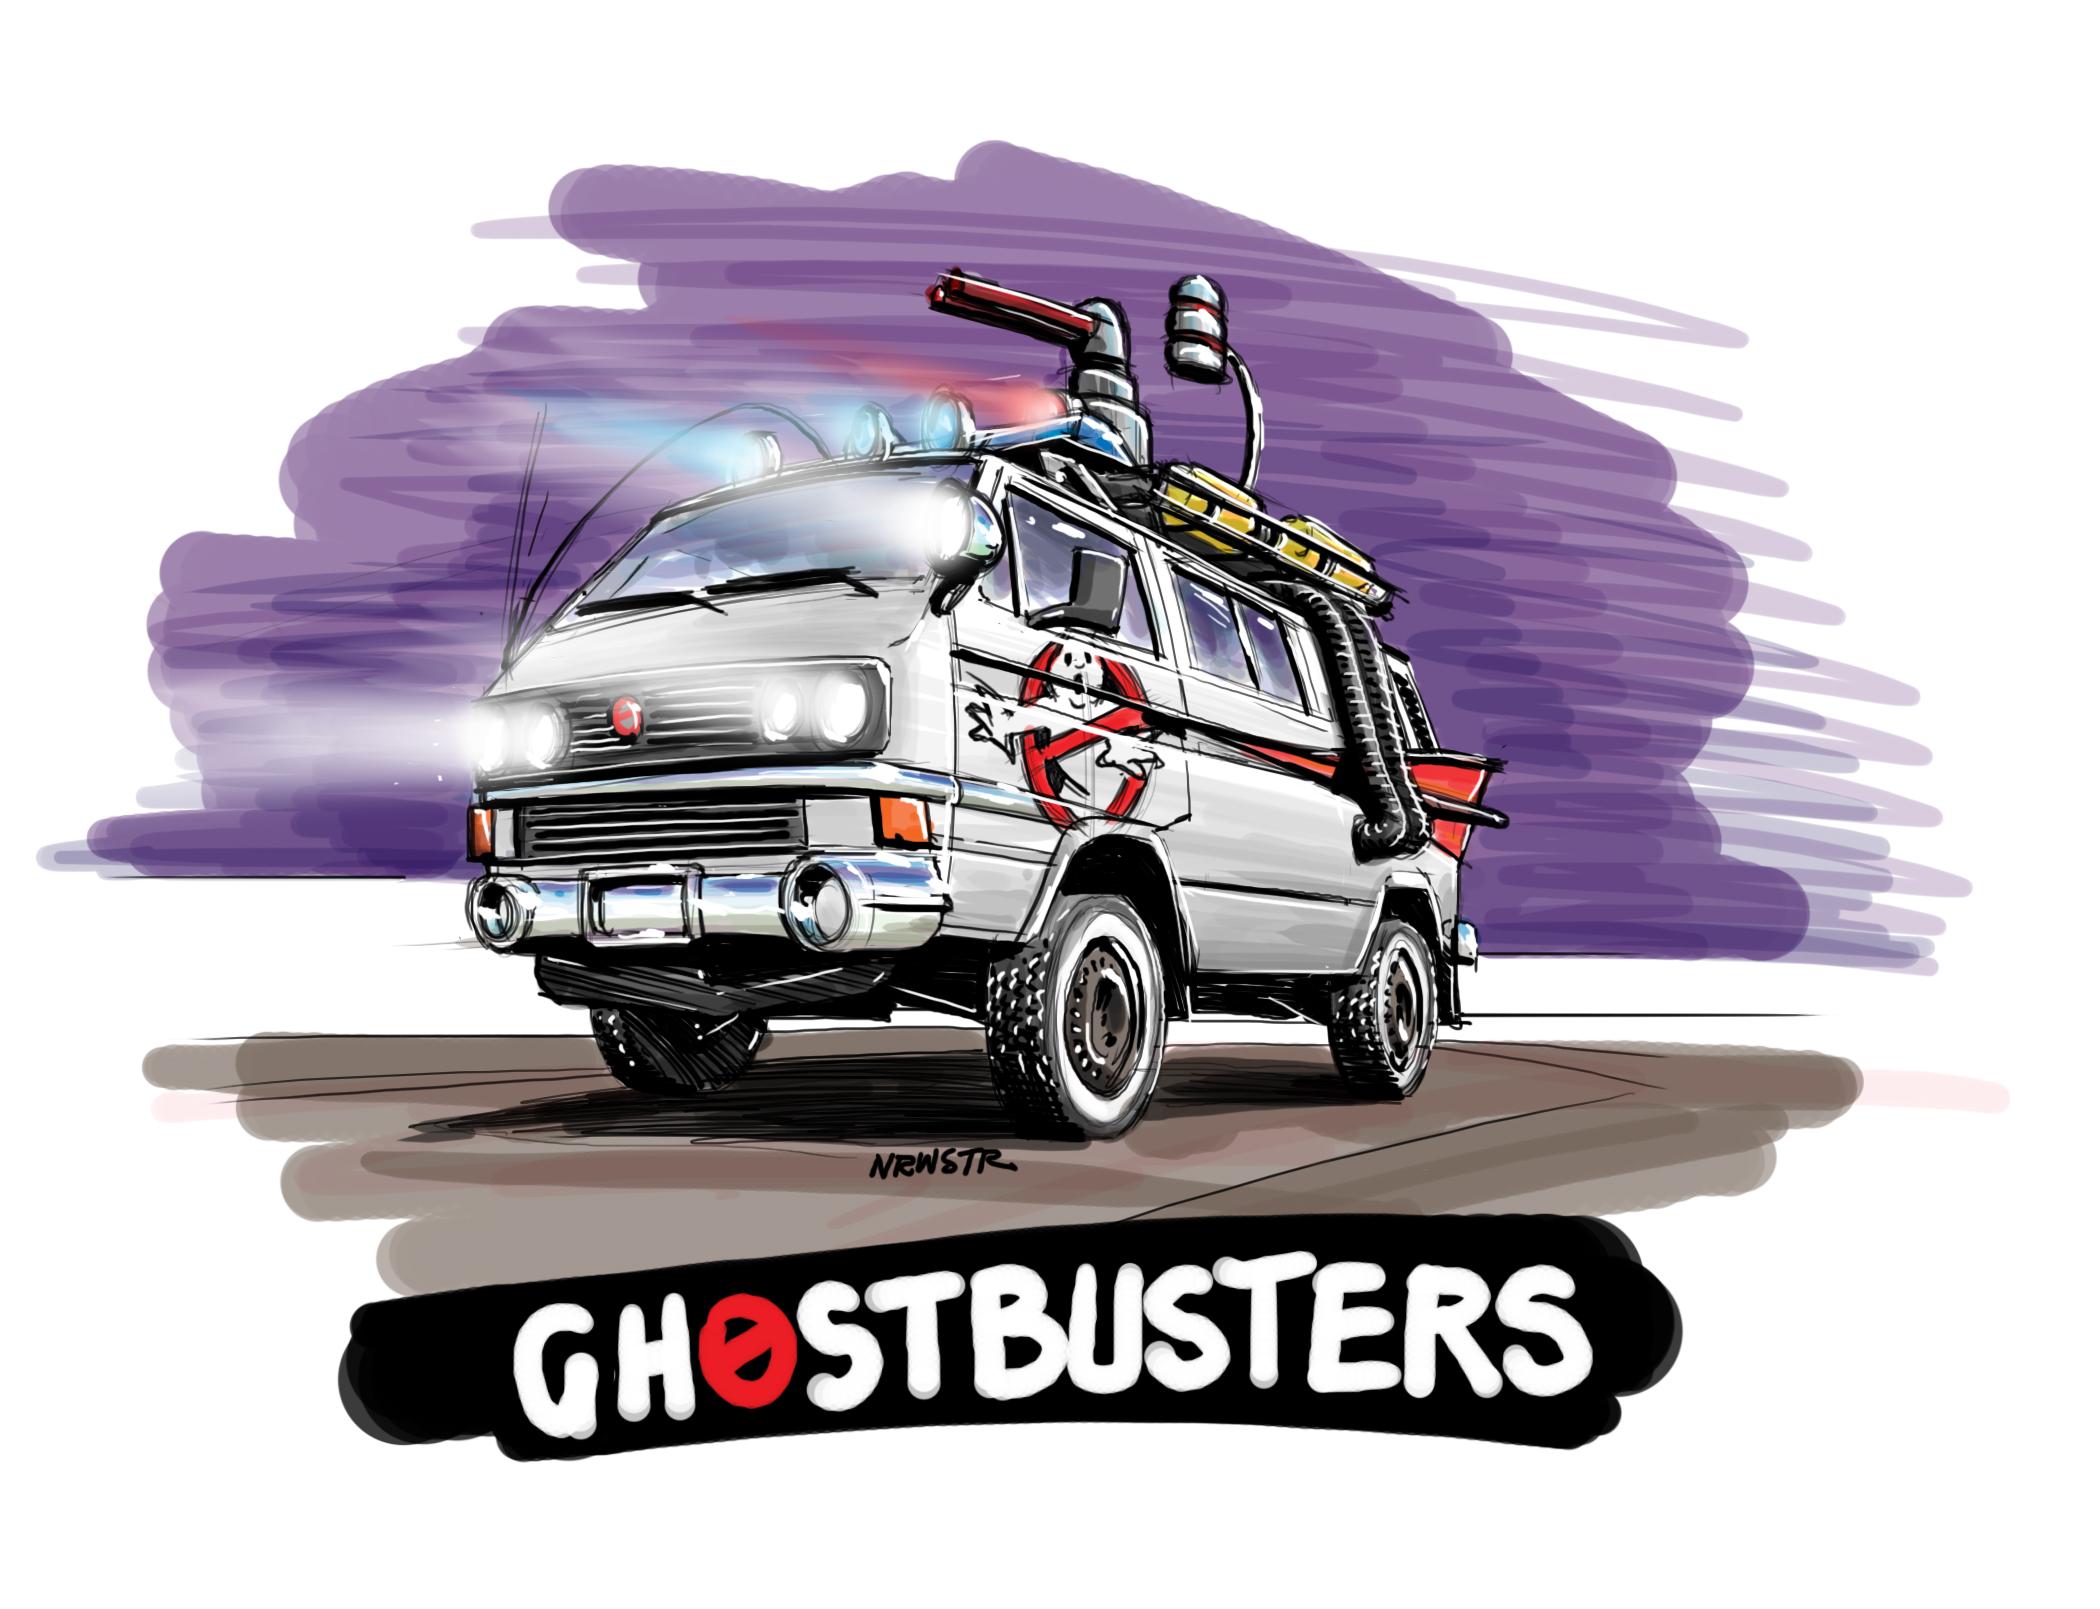 ghostbusters-sketch.jpg